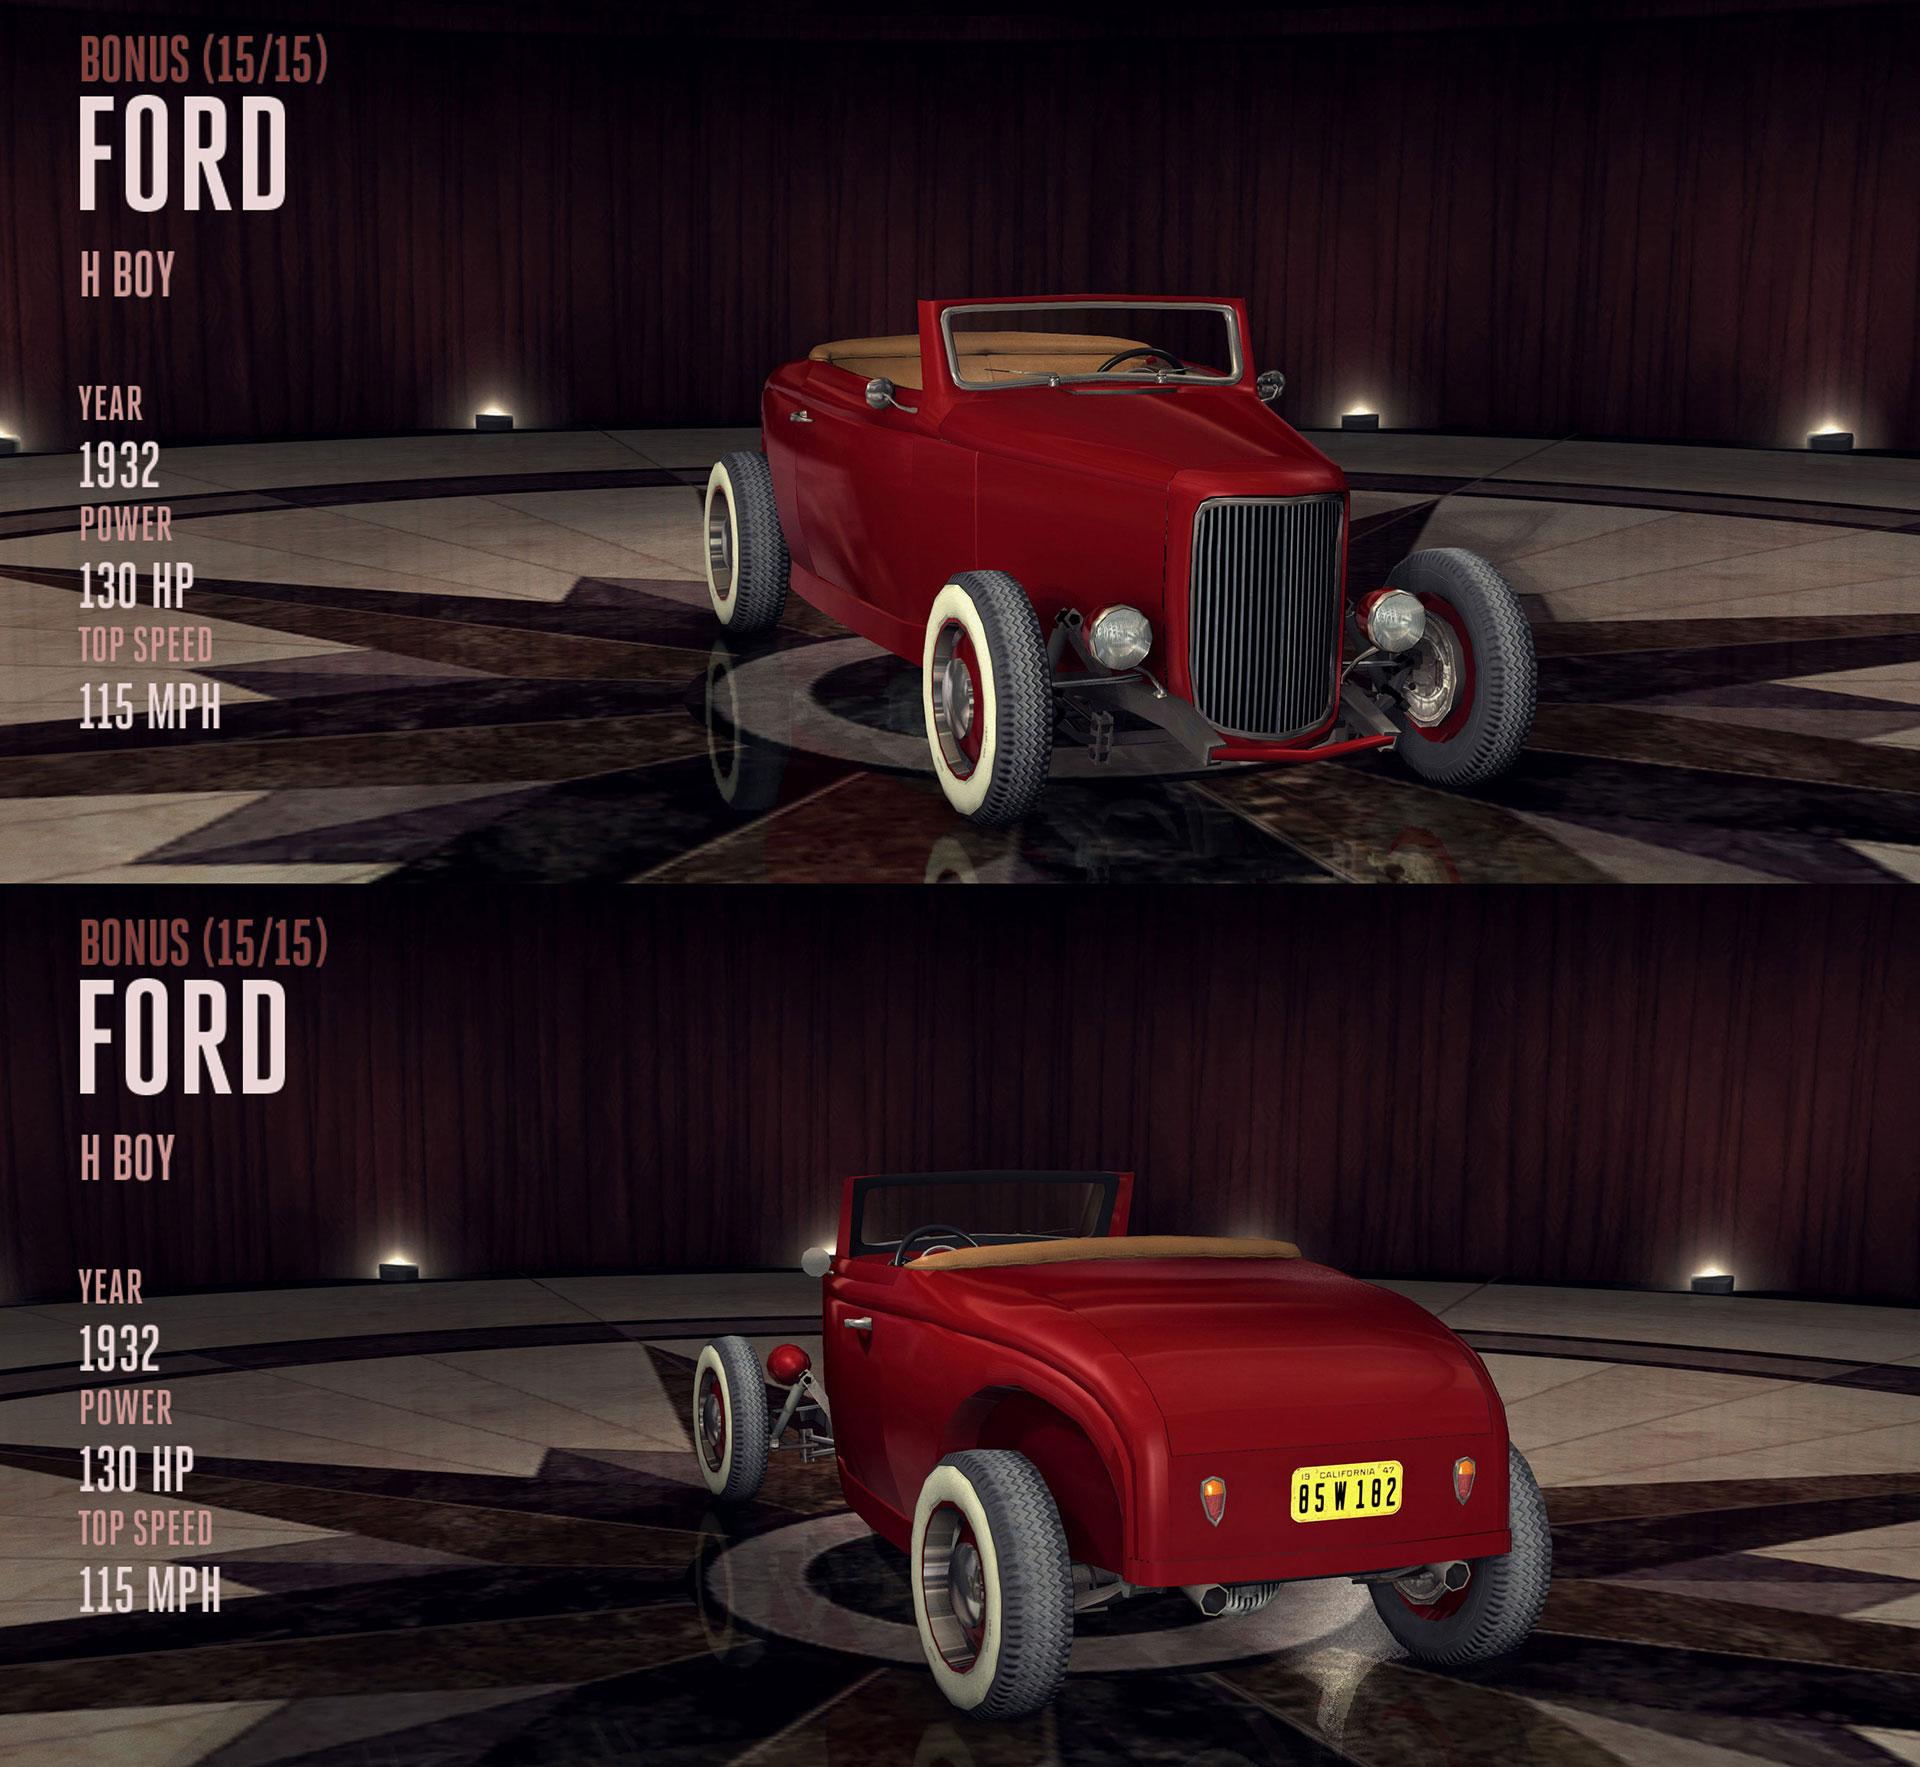 Ford H-Boy